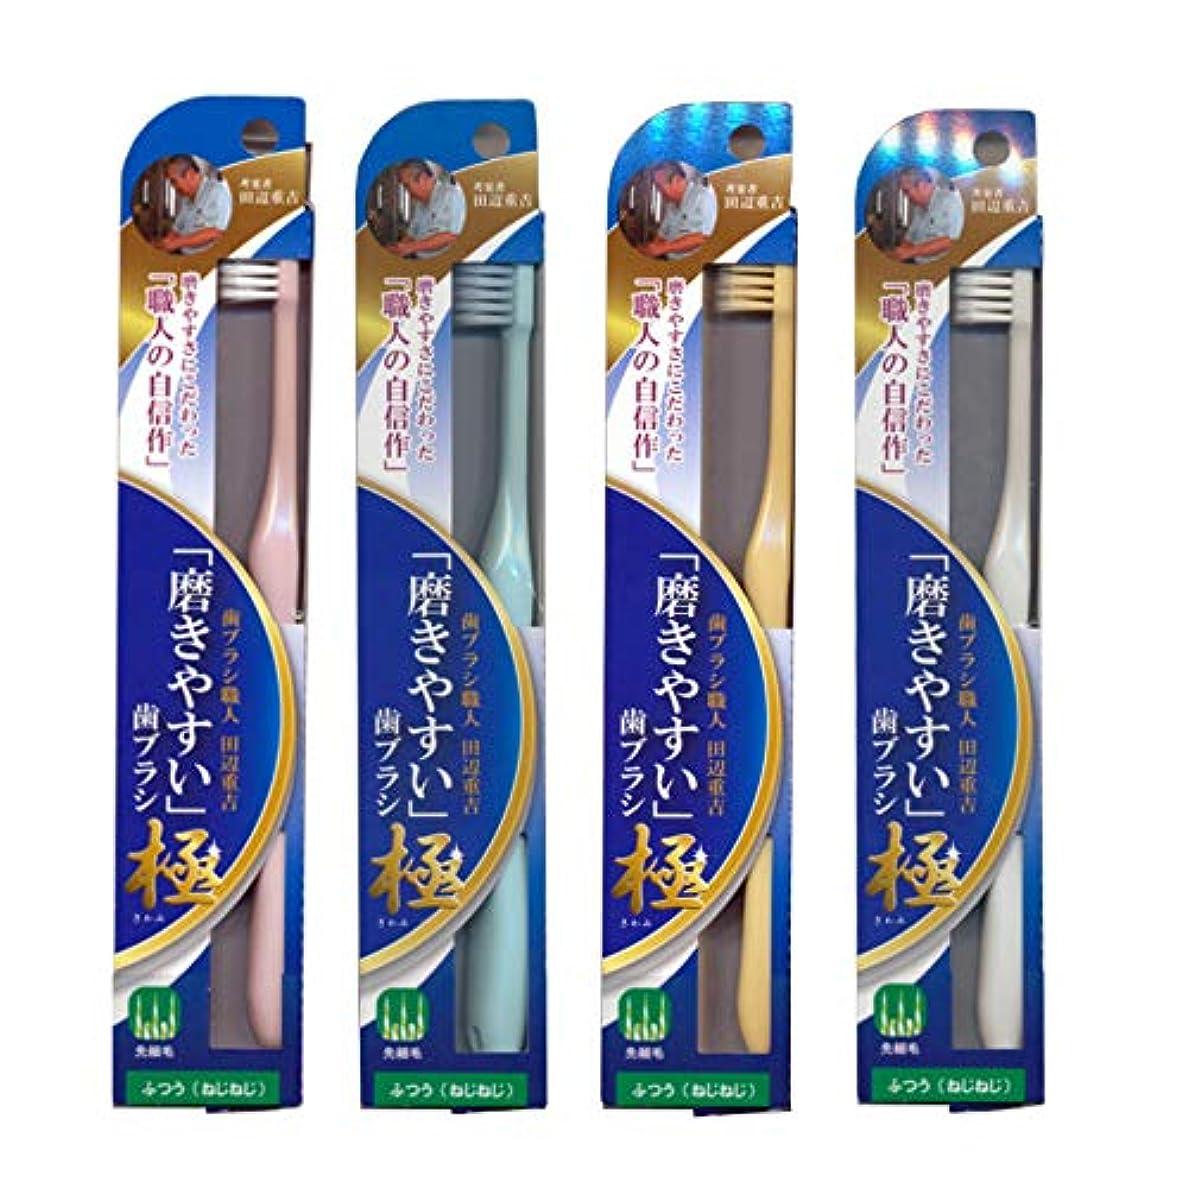 攻撃ハンカチ関税磨きやすい歯ブラシ極 (ふつう ねじねじ) LT-45×12本セット(ピンク×3、ブルー×3、ホワイト×3、イエロー×3) 先細毛